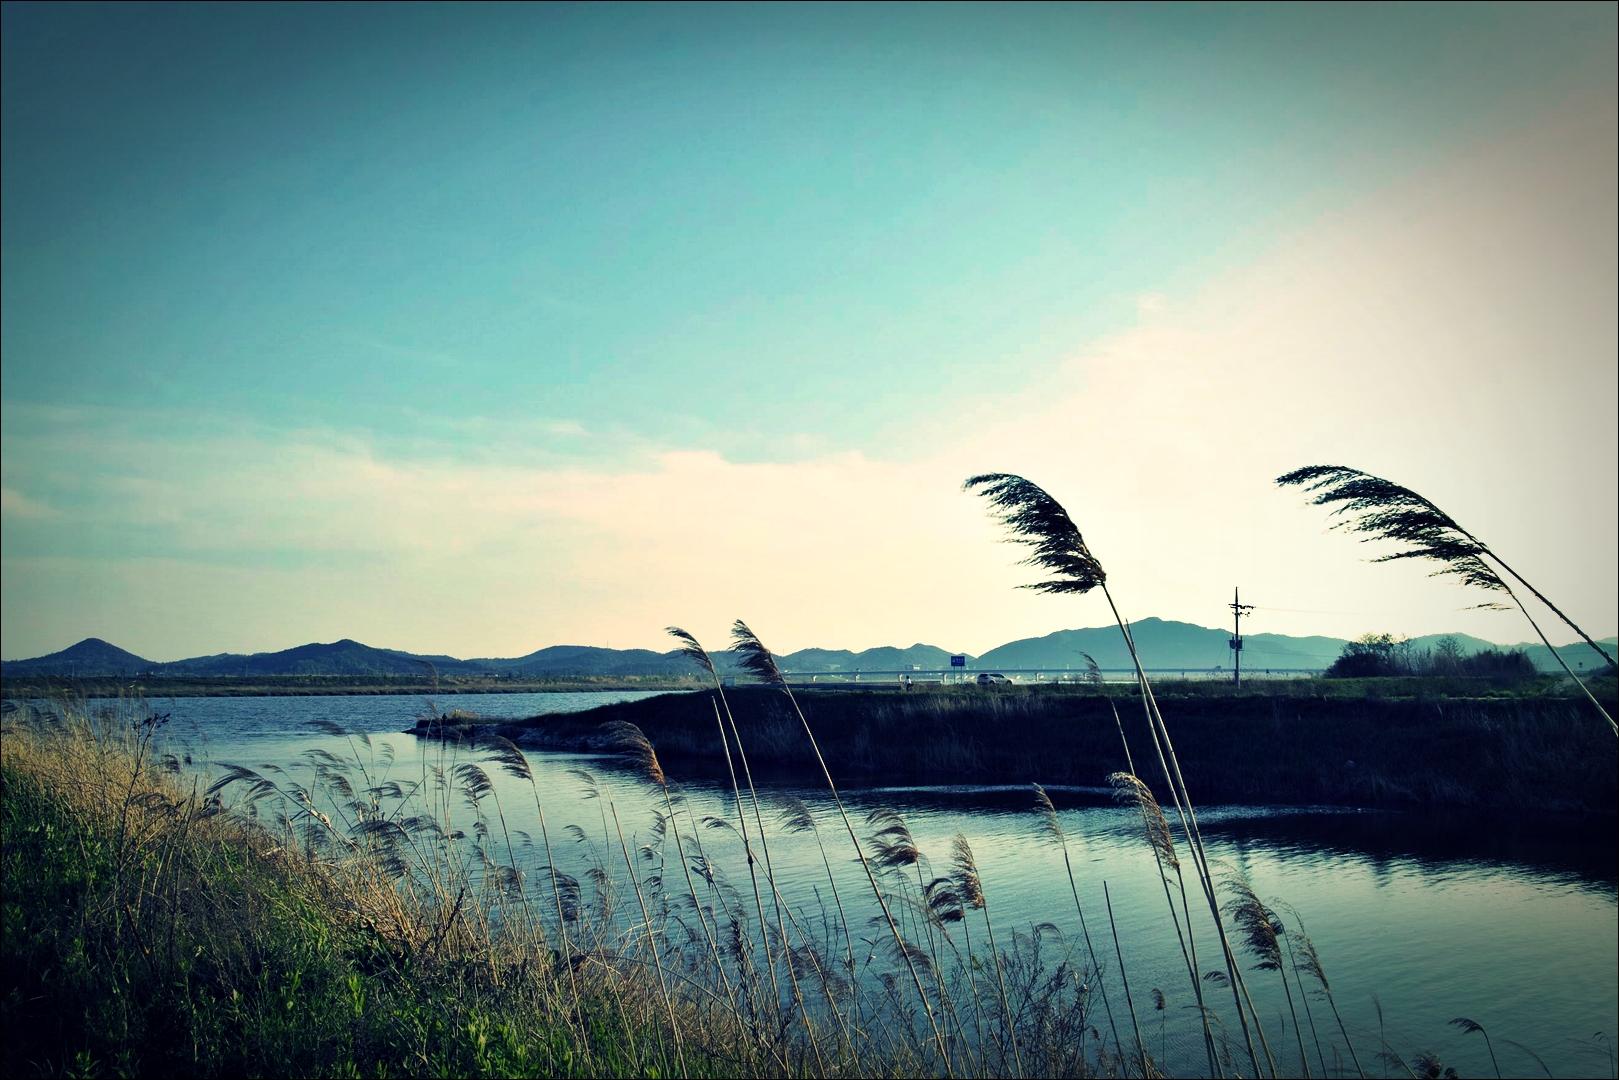 갈대-'영산강 자전거 종주 Yeongsan_River_Bike_Riding'